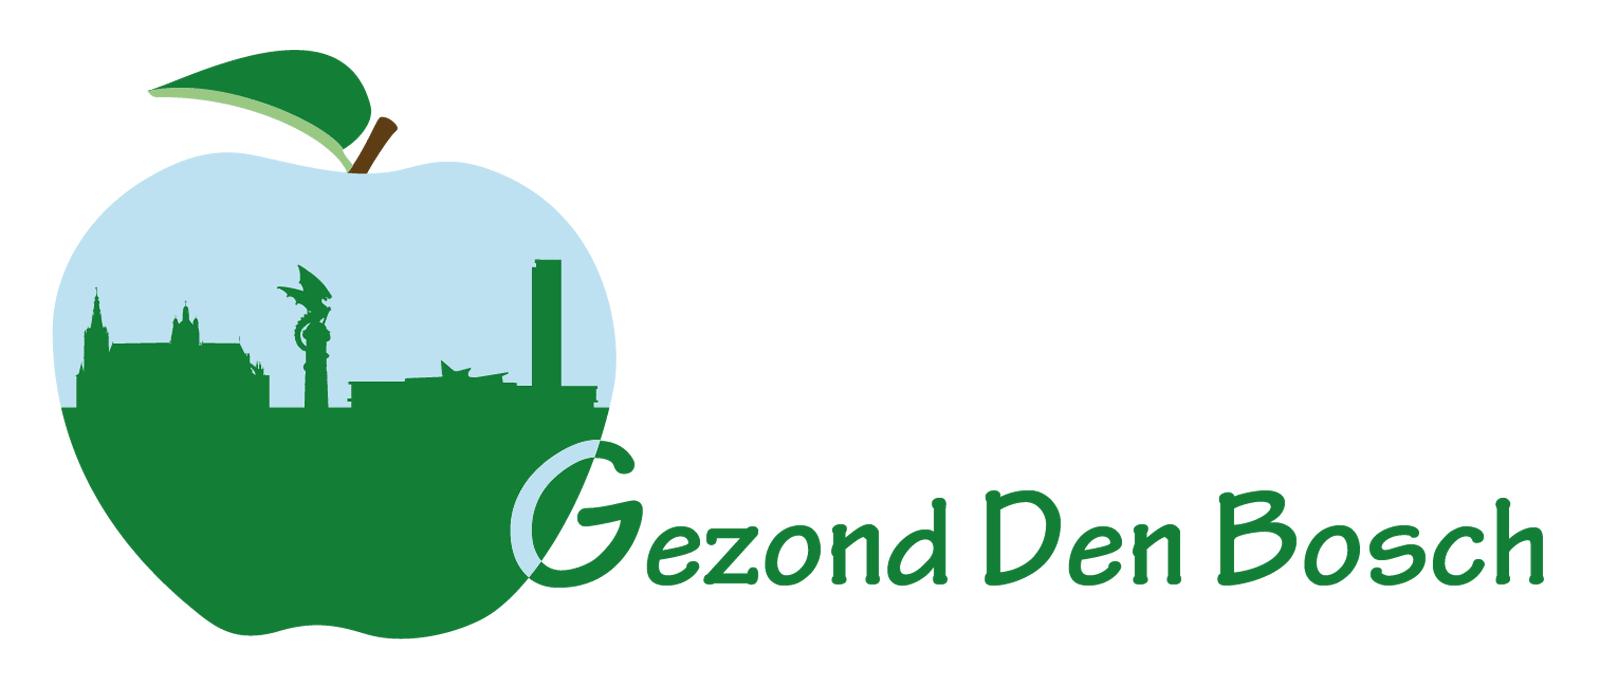 logo Gezond Den Bosch